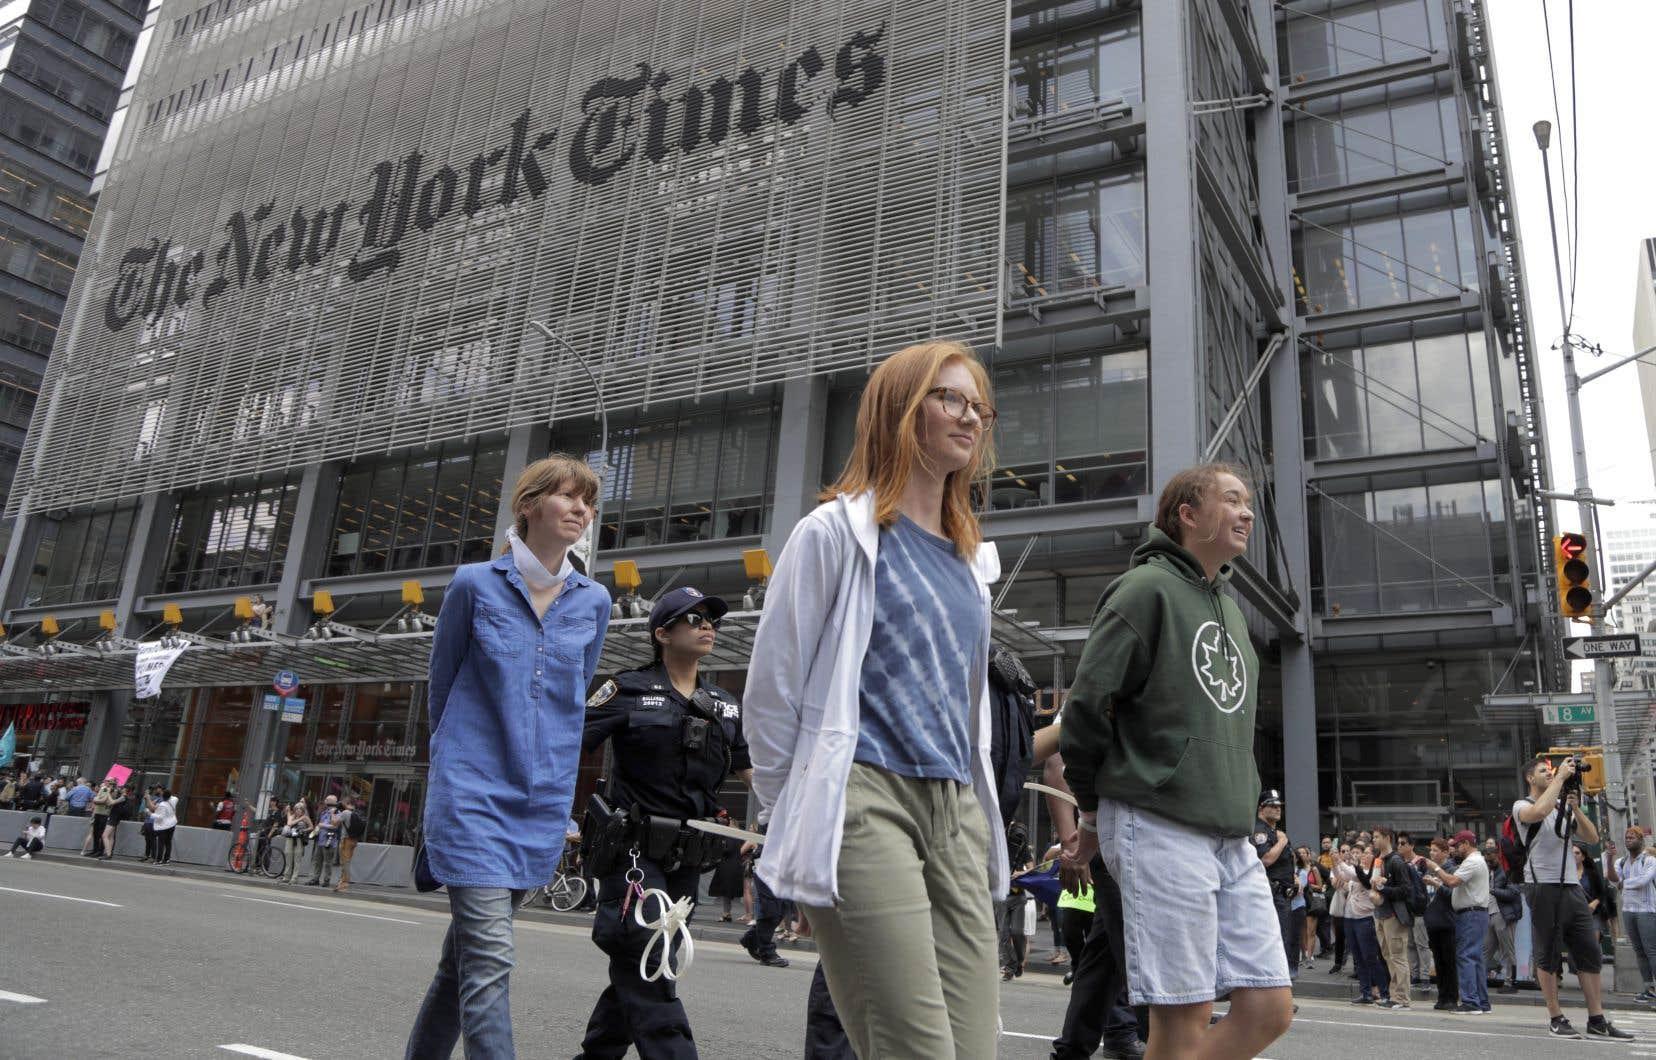 Le «New York Times» a annoncé mardi avoir atteint, avec un an d'avance sur son plan de marche, l'objectif des 800millions de dollars de chiffre d'affaires tirés du numérique.